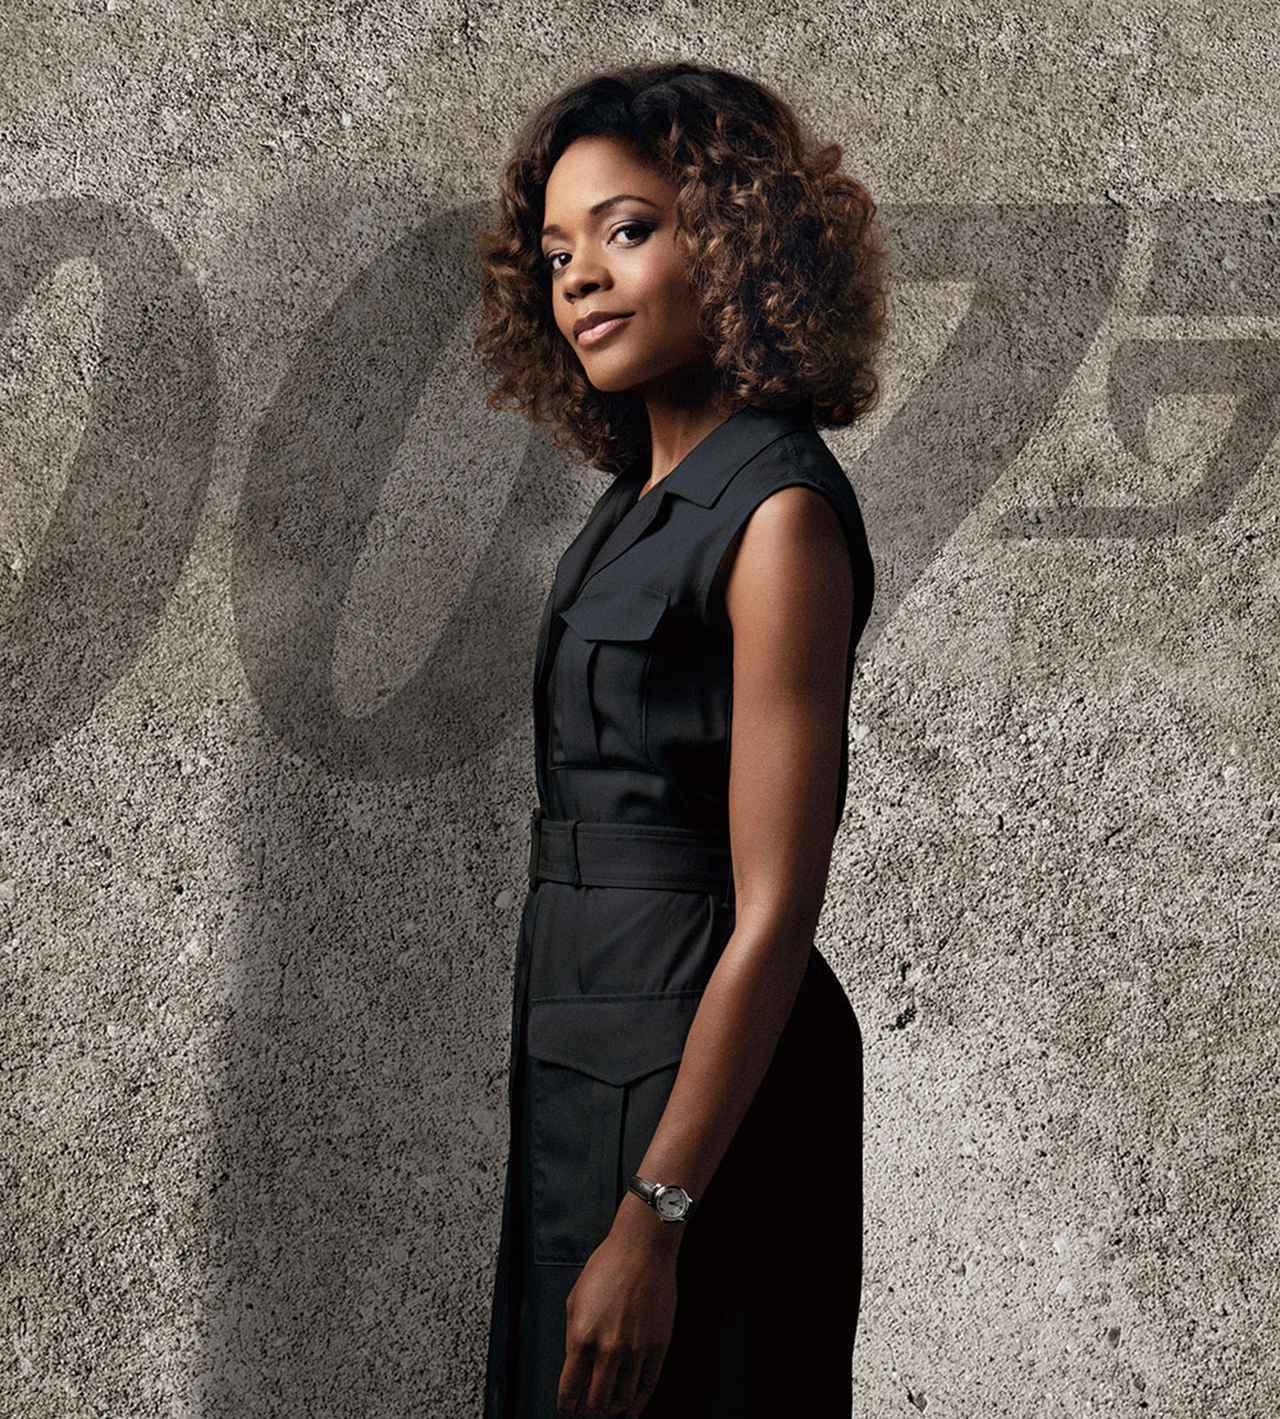 画像1: 007シリーズで女性たちがストーリーの推進力となり、アクションもこなす存在になっていることは素晴らしいことだと思うわ